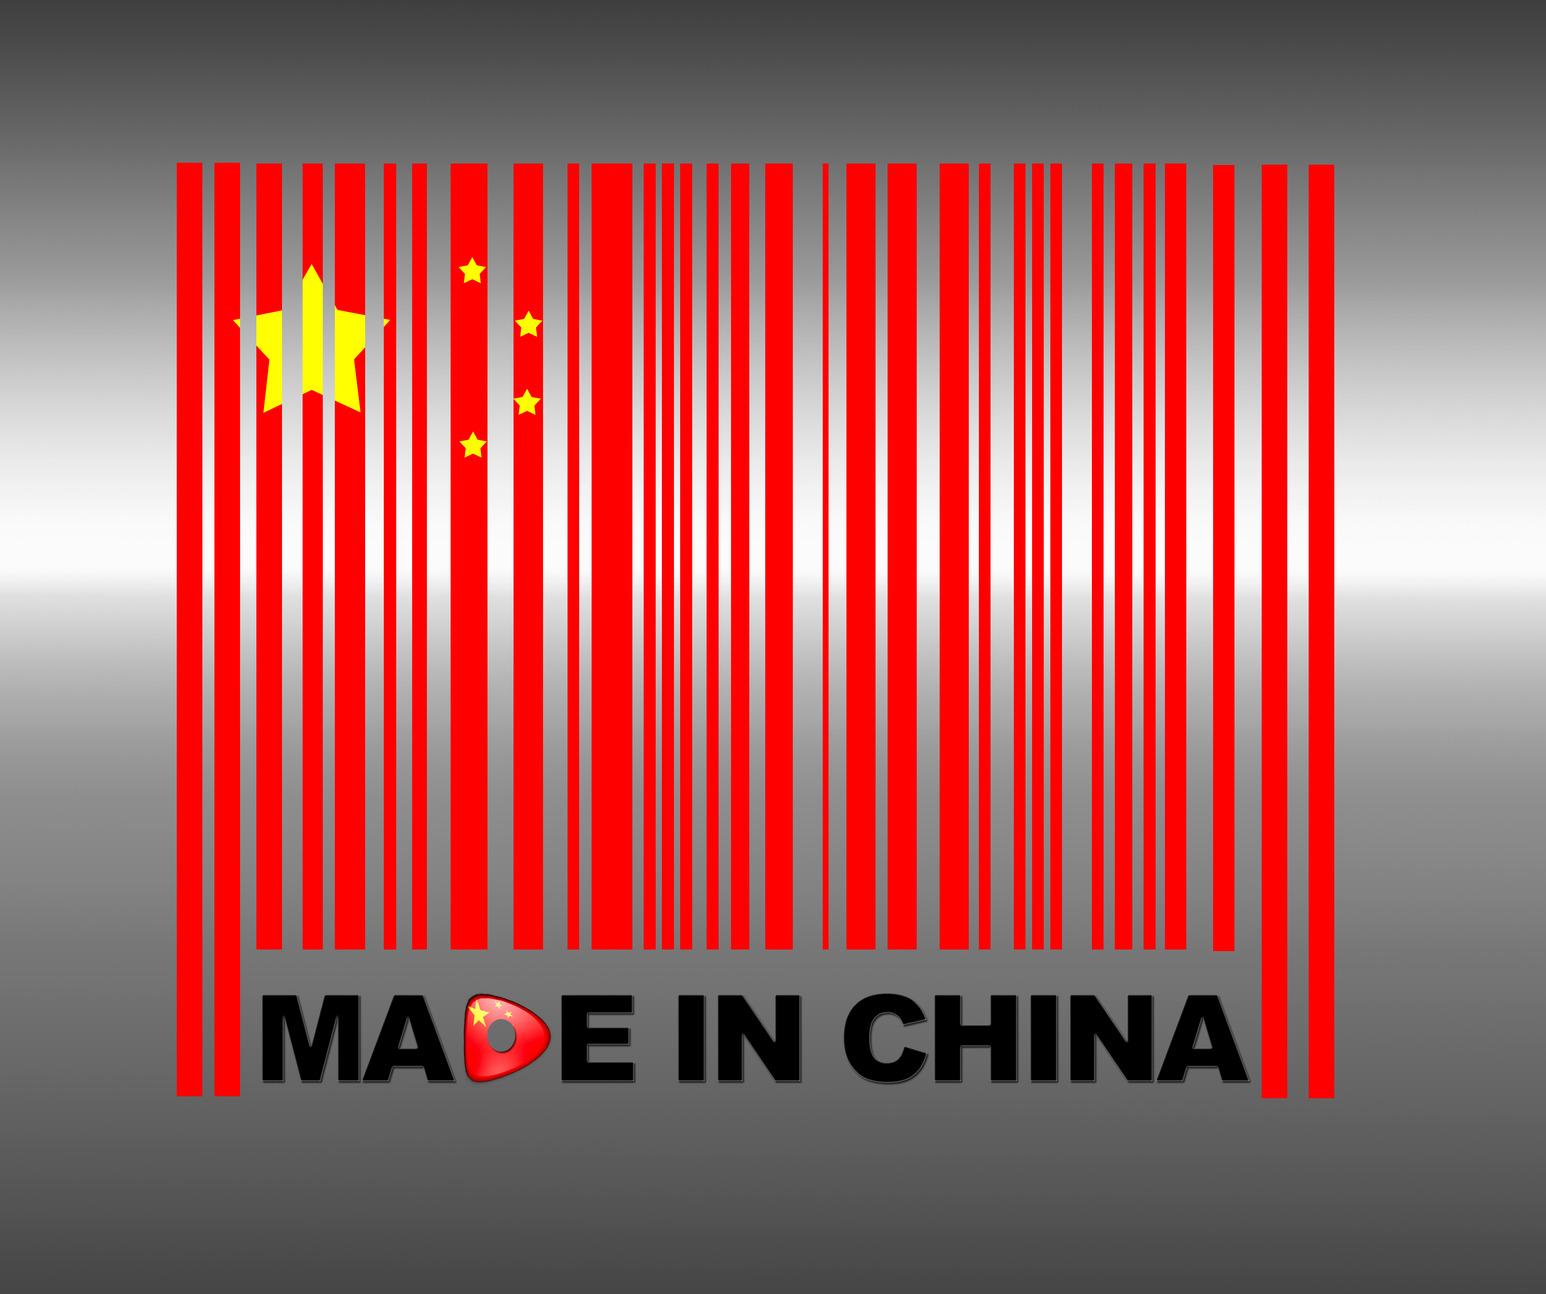 Barcode China.